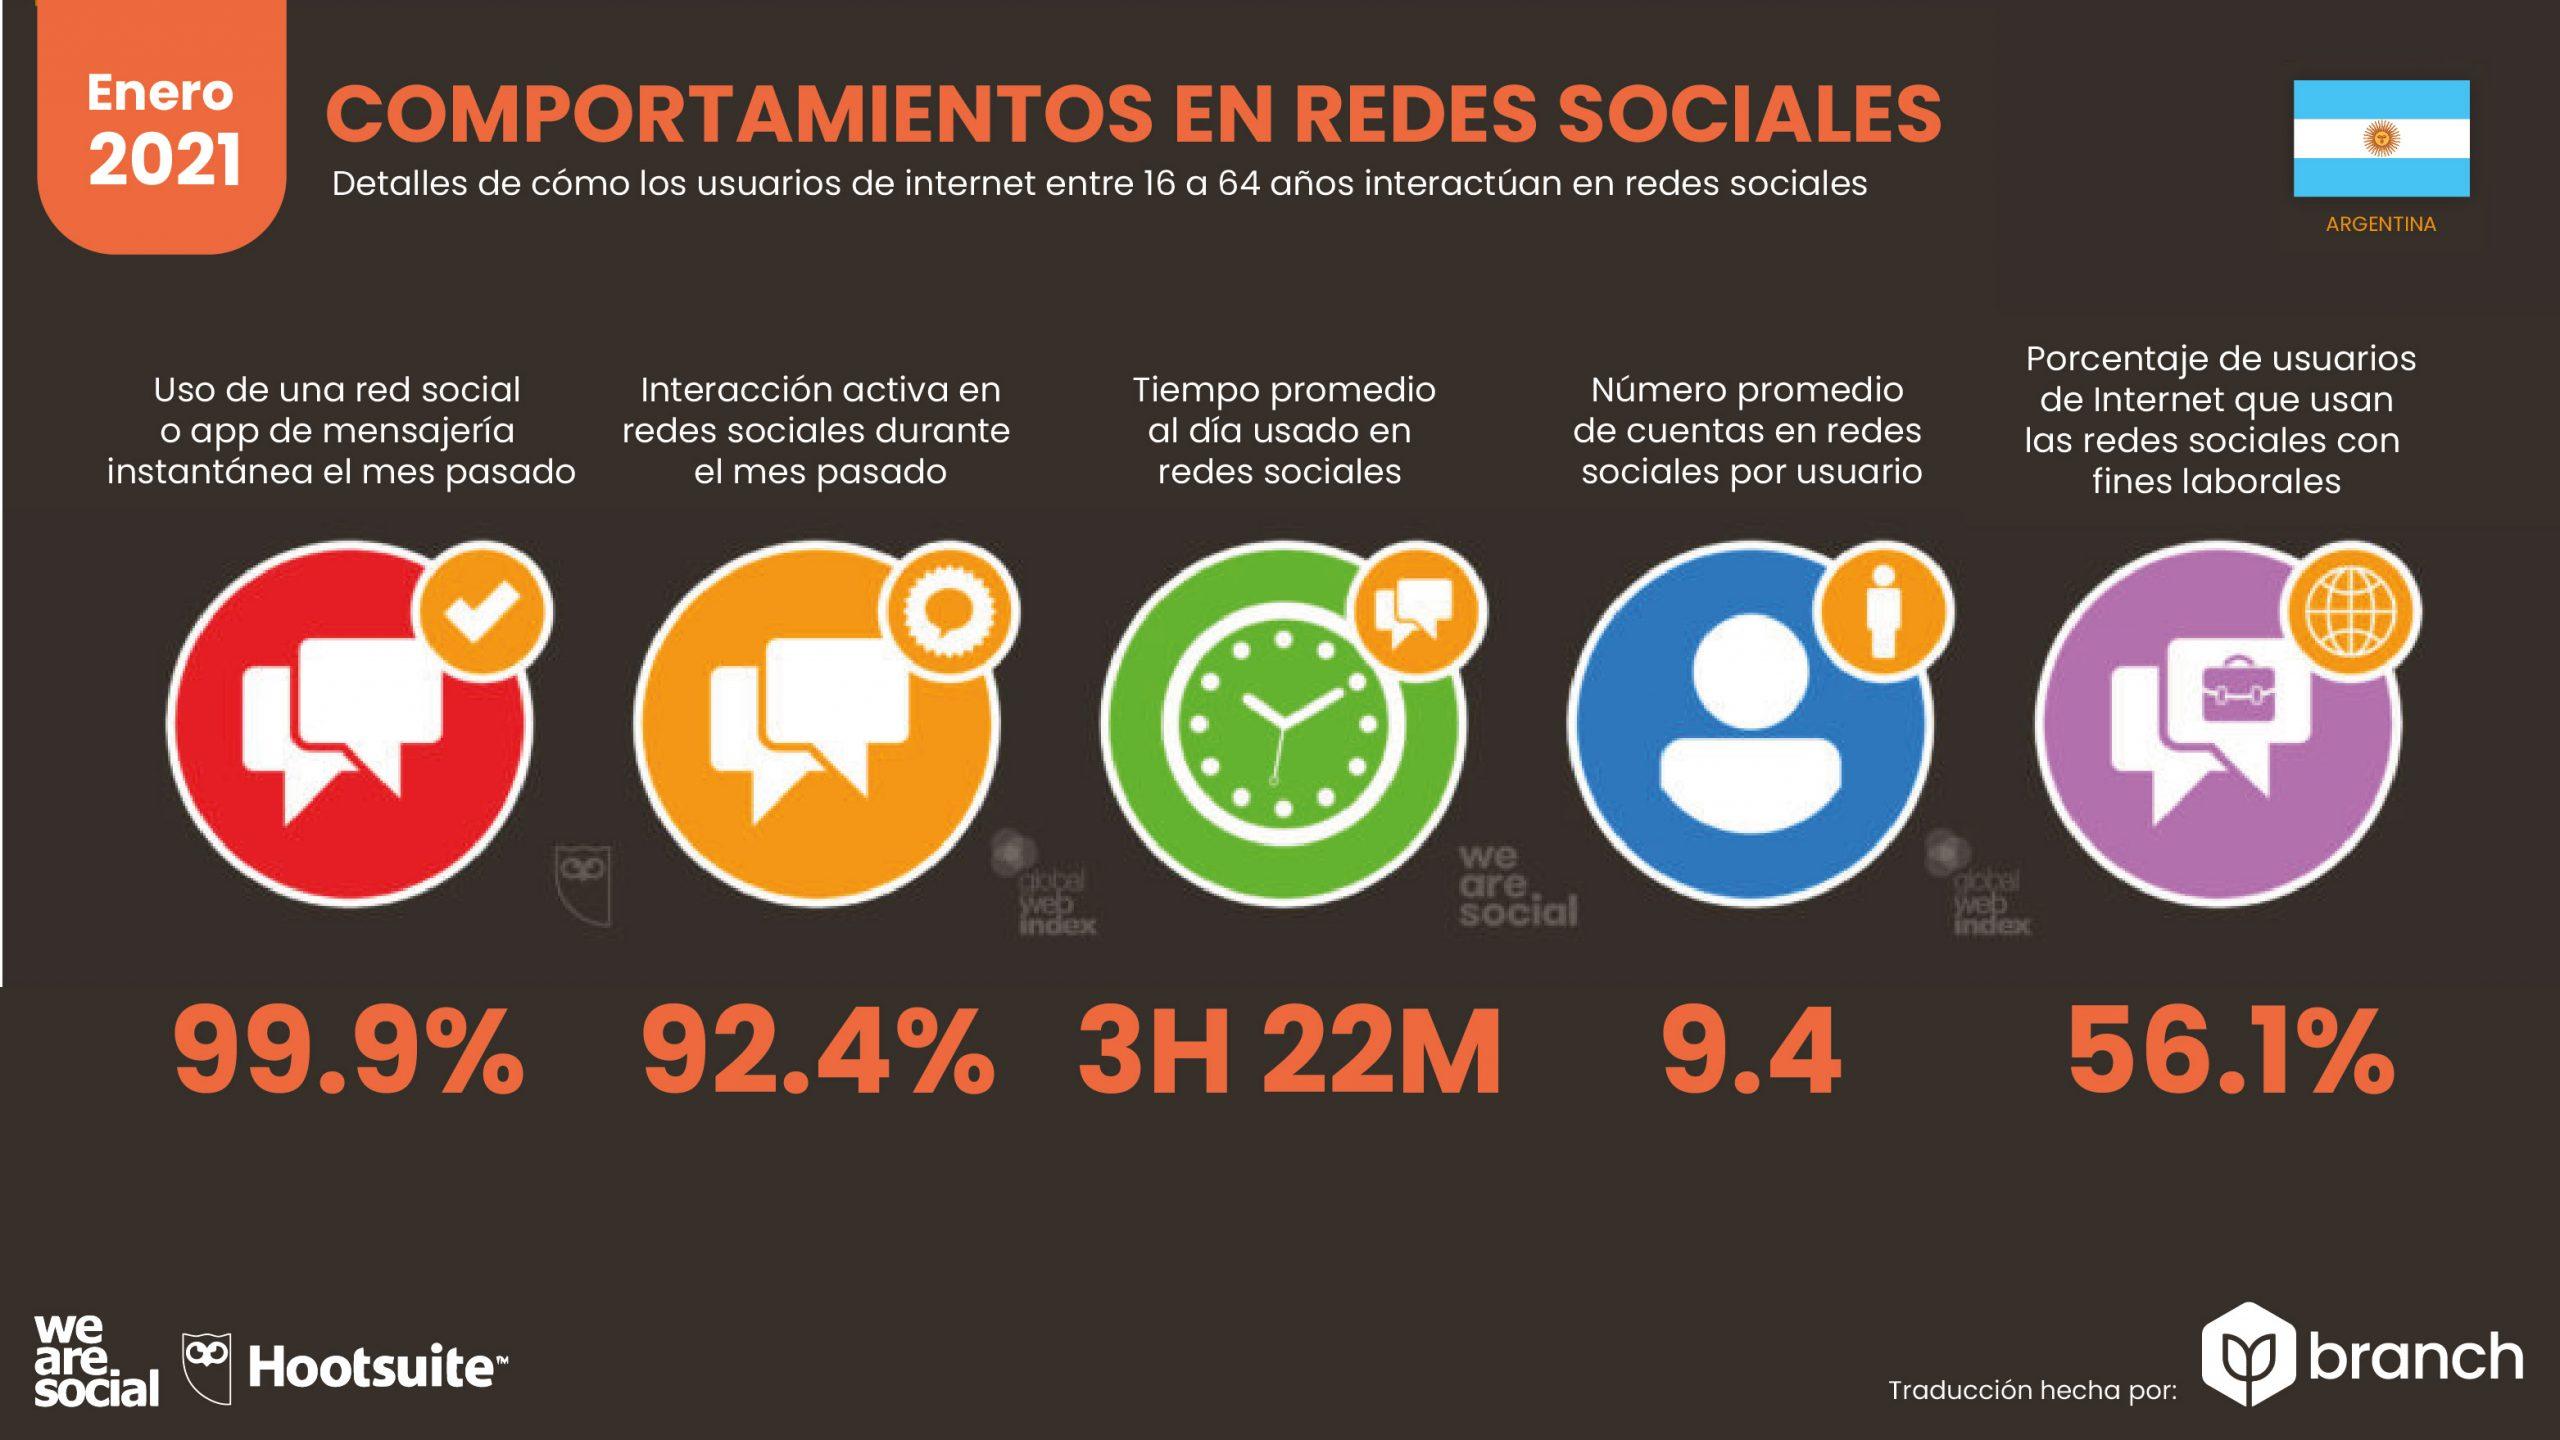 grafico-comportamiento-en-redes-sociales-argentina-2020-2021